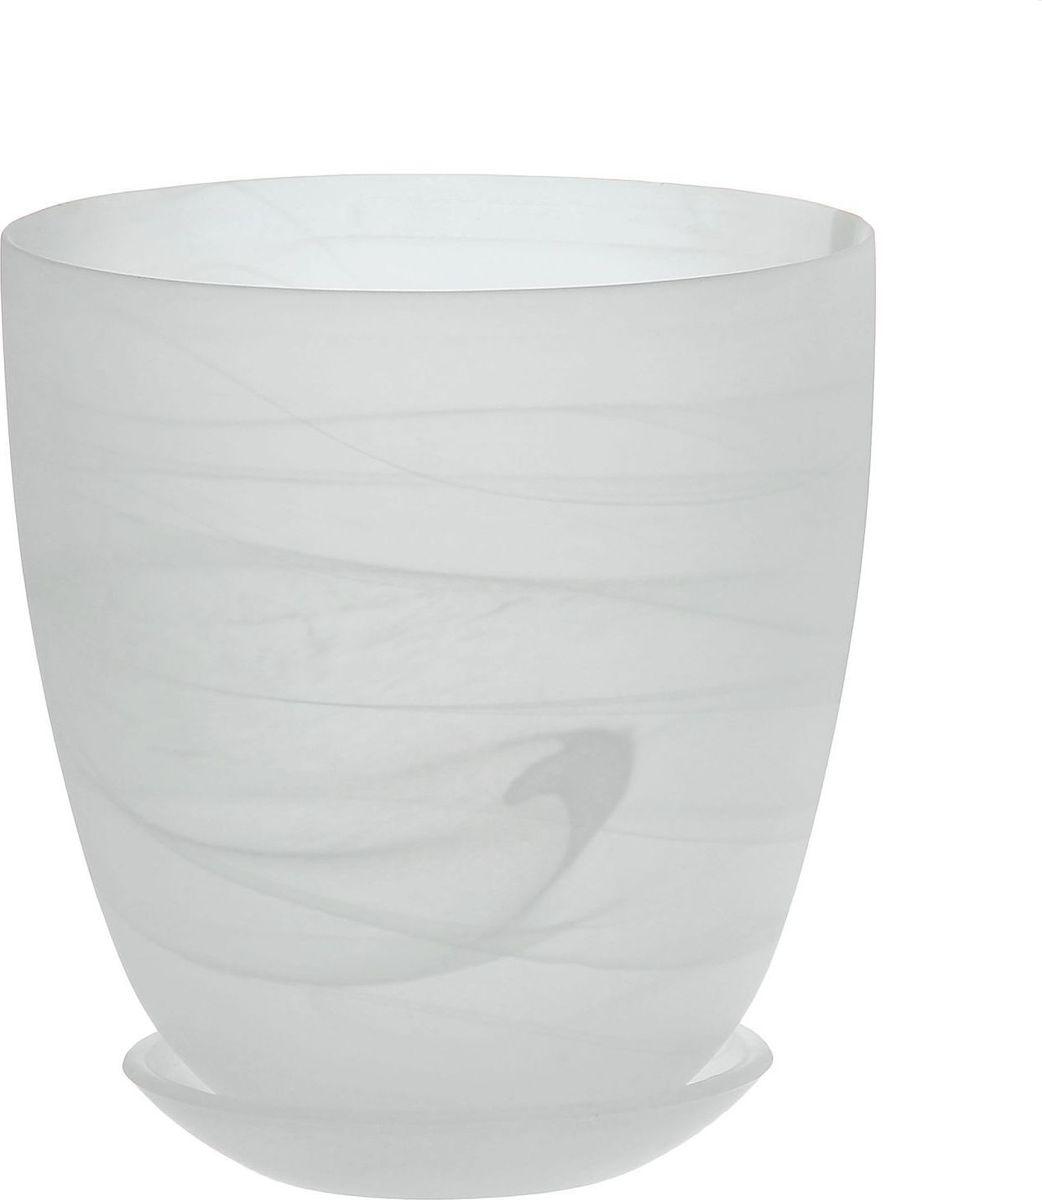 Кашпо NiNaGlass Гармония, с поддоном, цвет: белый, 2 л1221926Комнатные растения — всеобщие любимцы. Они радуют глаз, насыщают помещение кислородом и украшают пространство. Каждому цветку необходим свой удобный и красивый дом. Из-за прозрачности стекла такие декоративные вазы для горшков пользуются большой популярностью для выращивания орхидей. позаботится о зеленом питомце, освежит интерьер и подчеркнет его стиль!